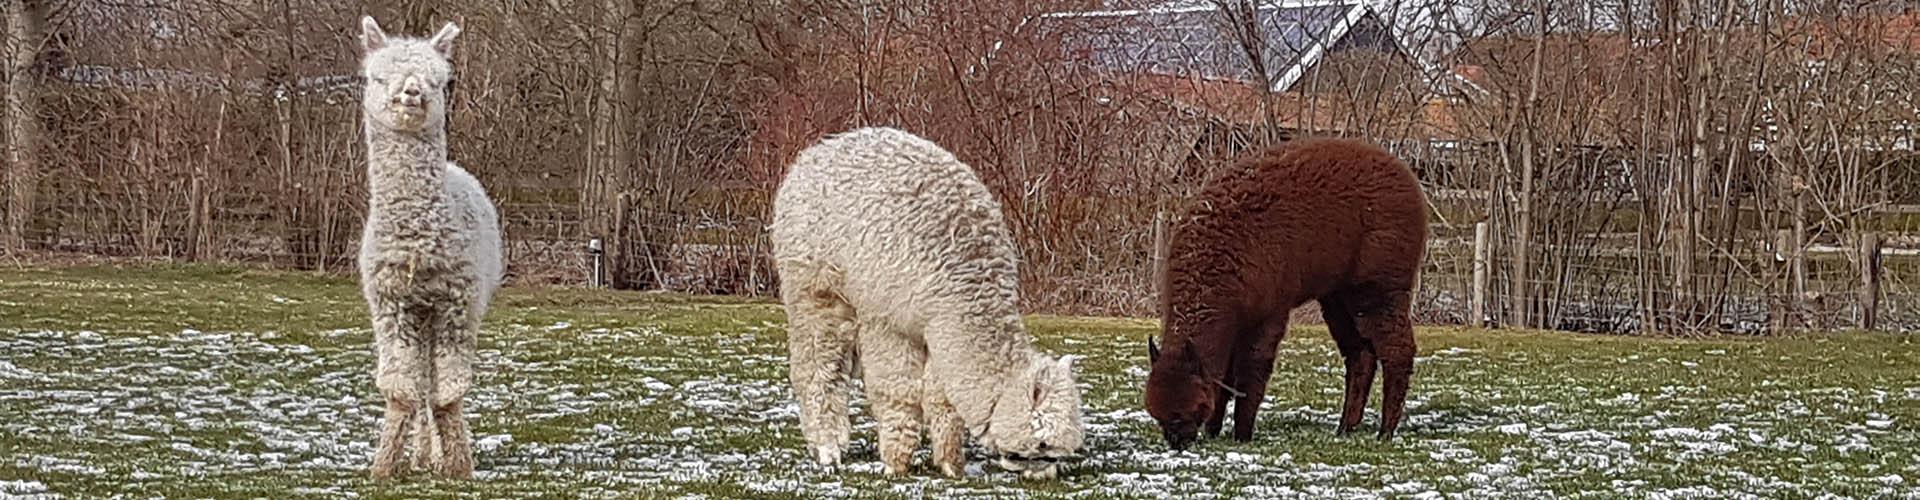 alpacas in zeeland